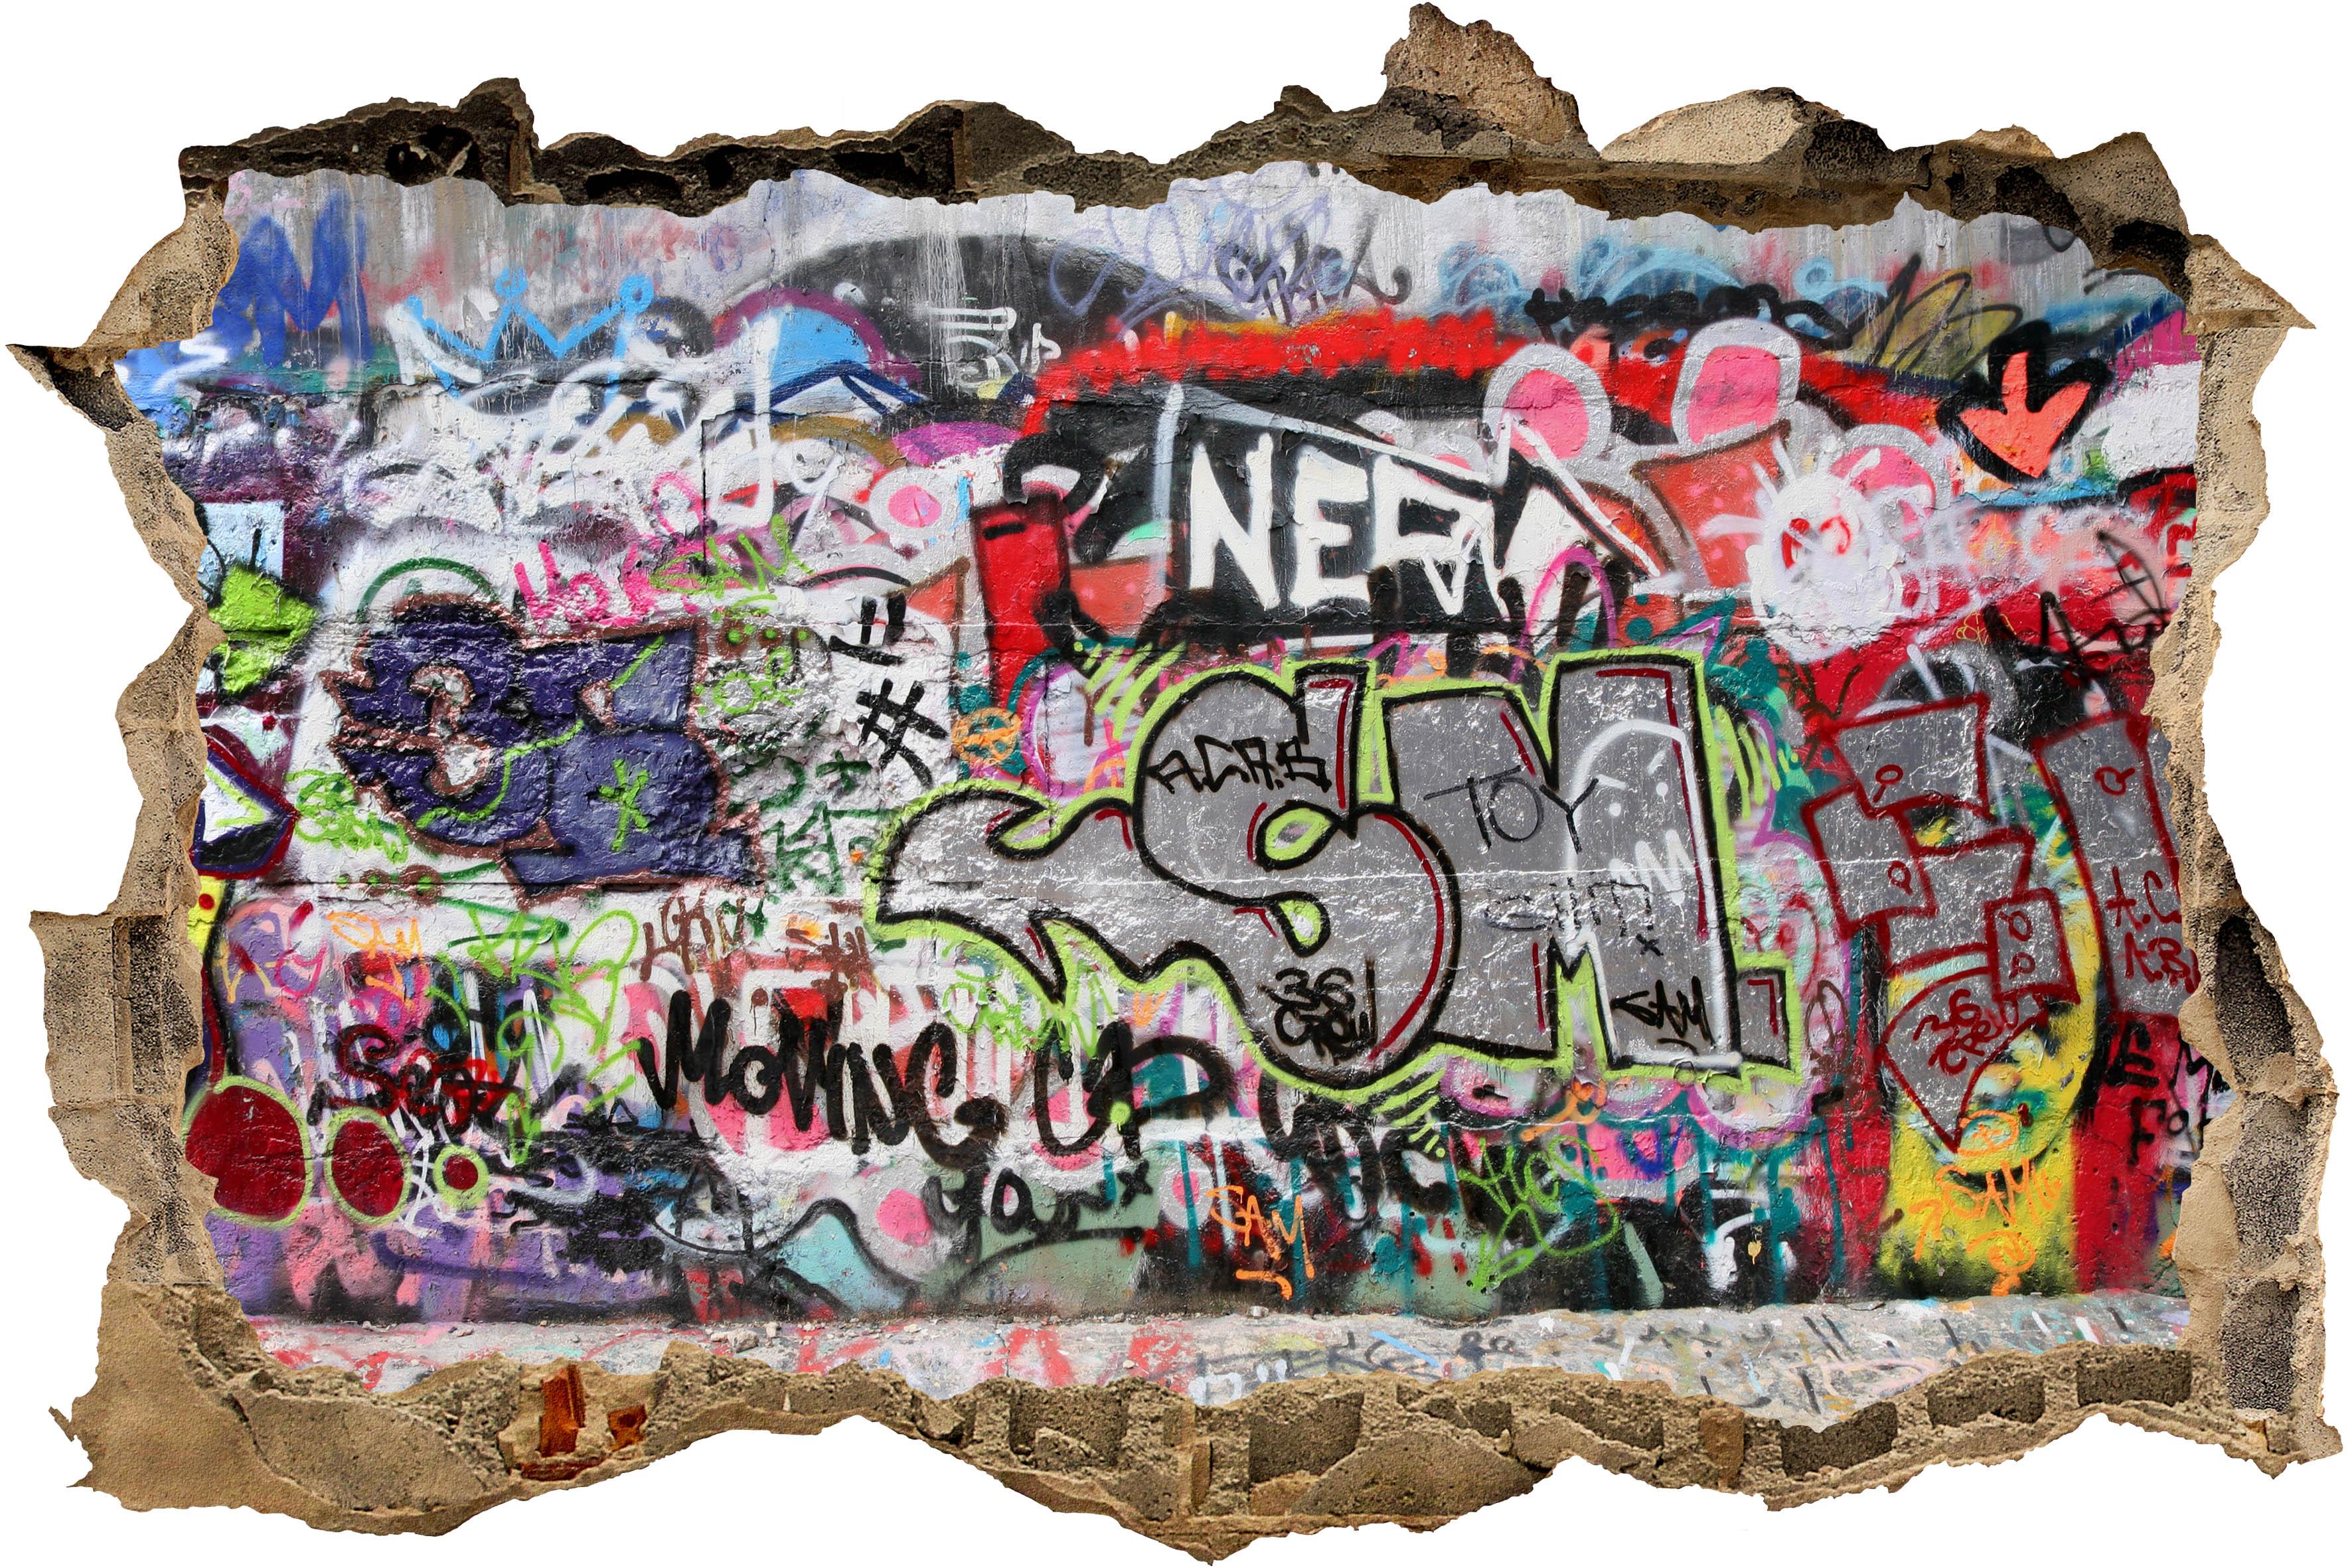 3d wandsticker graffiti 1 aufkleber mauerdurchbruch m0025 ebay - Wandsticker graffiti ...